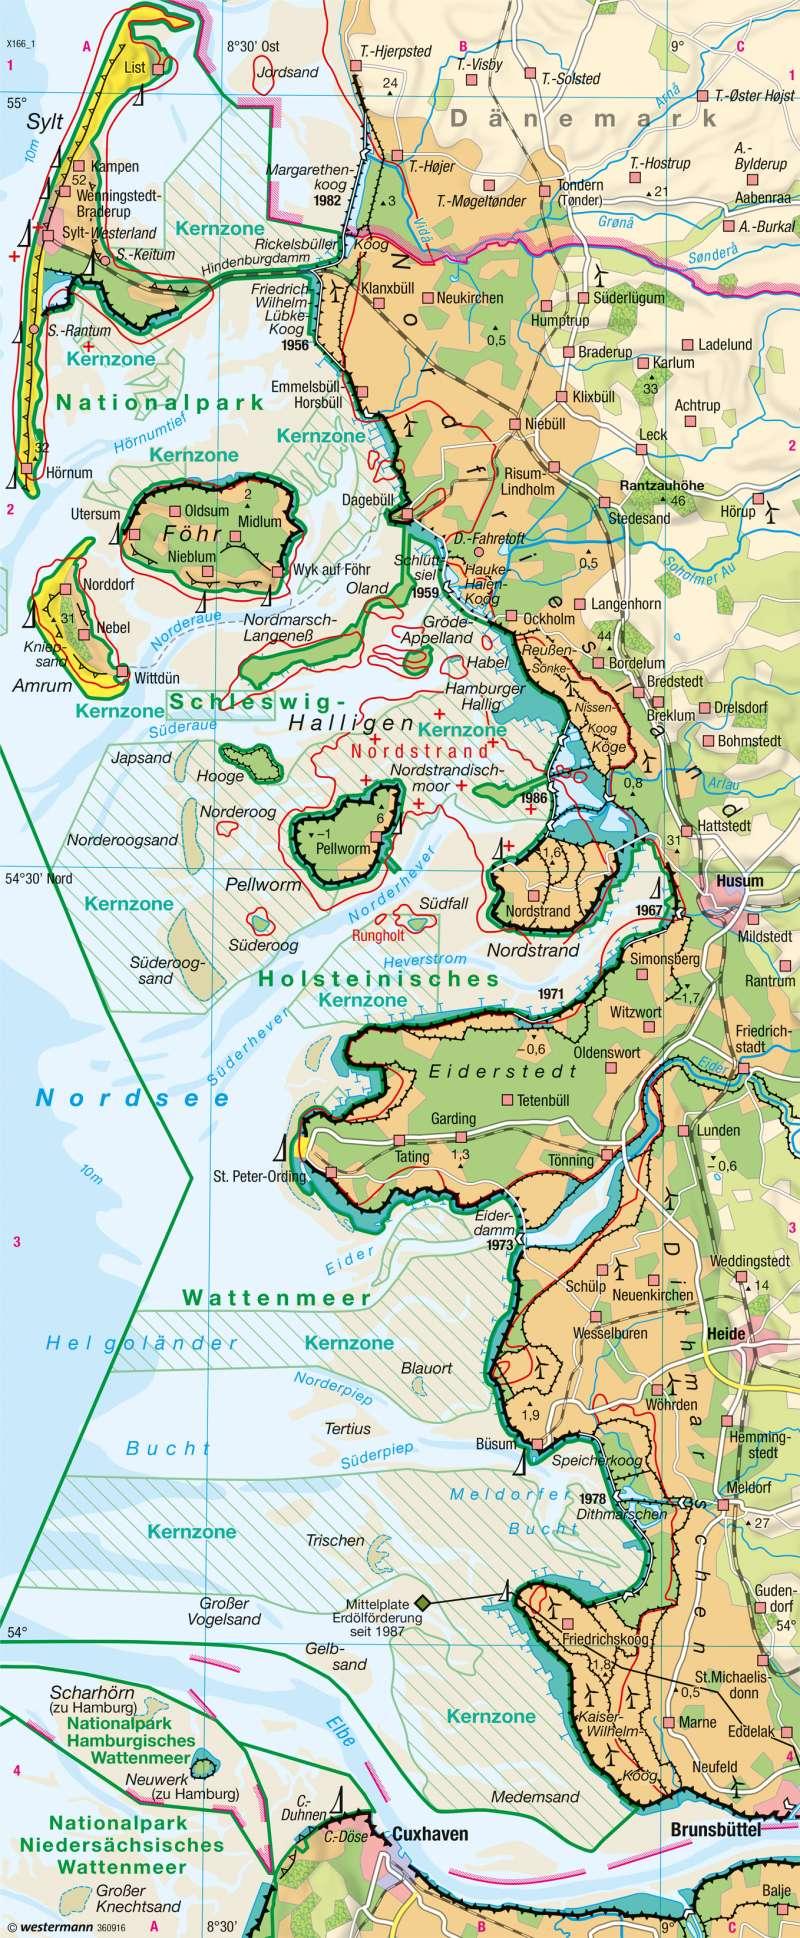 Diercke Weltatlas Kartenansicht Nordsee Wattenkuste 978 3